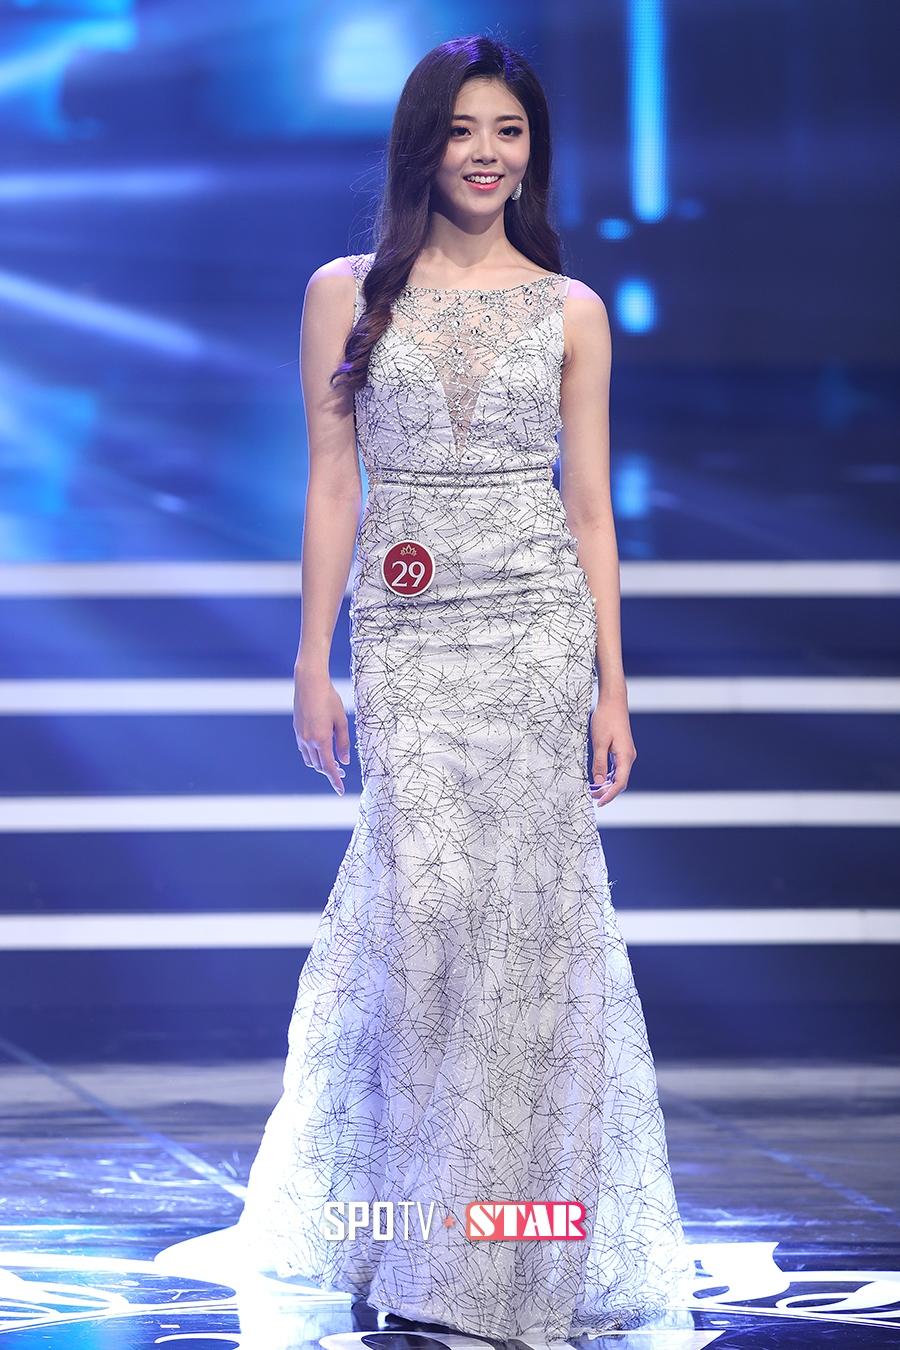 Hoa hậu Hàn Quốc 2017: Trao đến tận 7 vương miện, nhưng tất cả đều bị chê bai thậm tệ về nhan sắc - Ảnh 7.